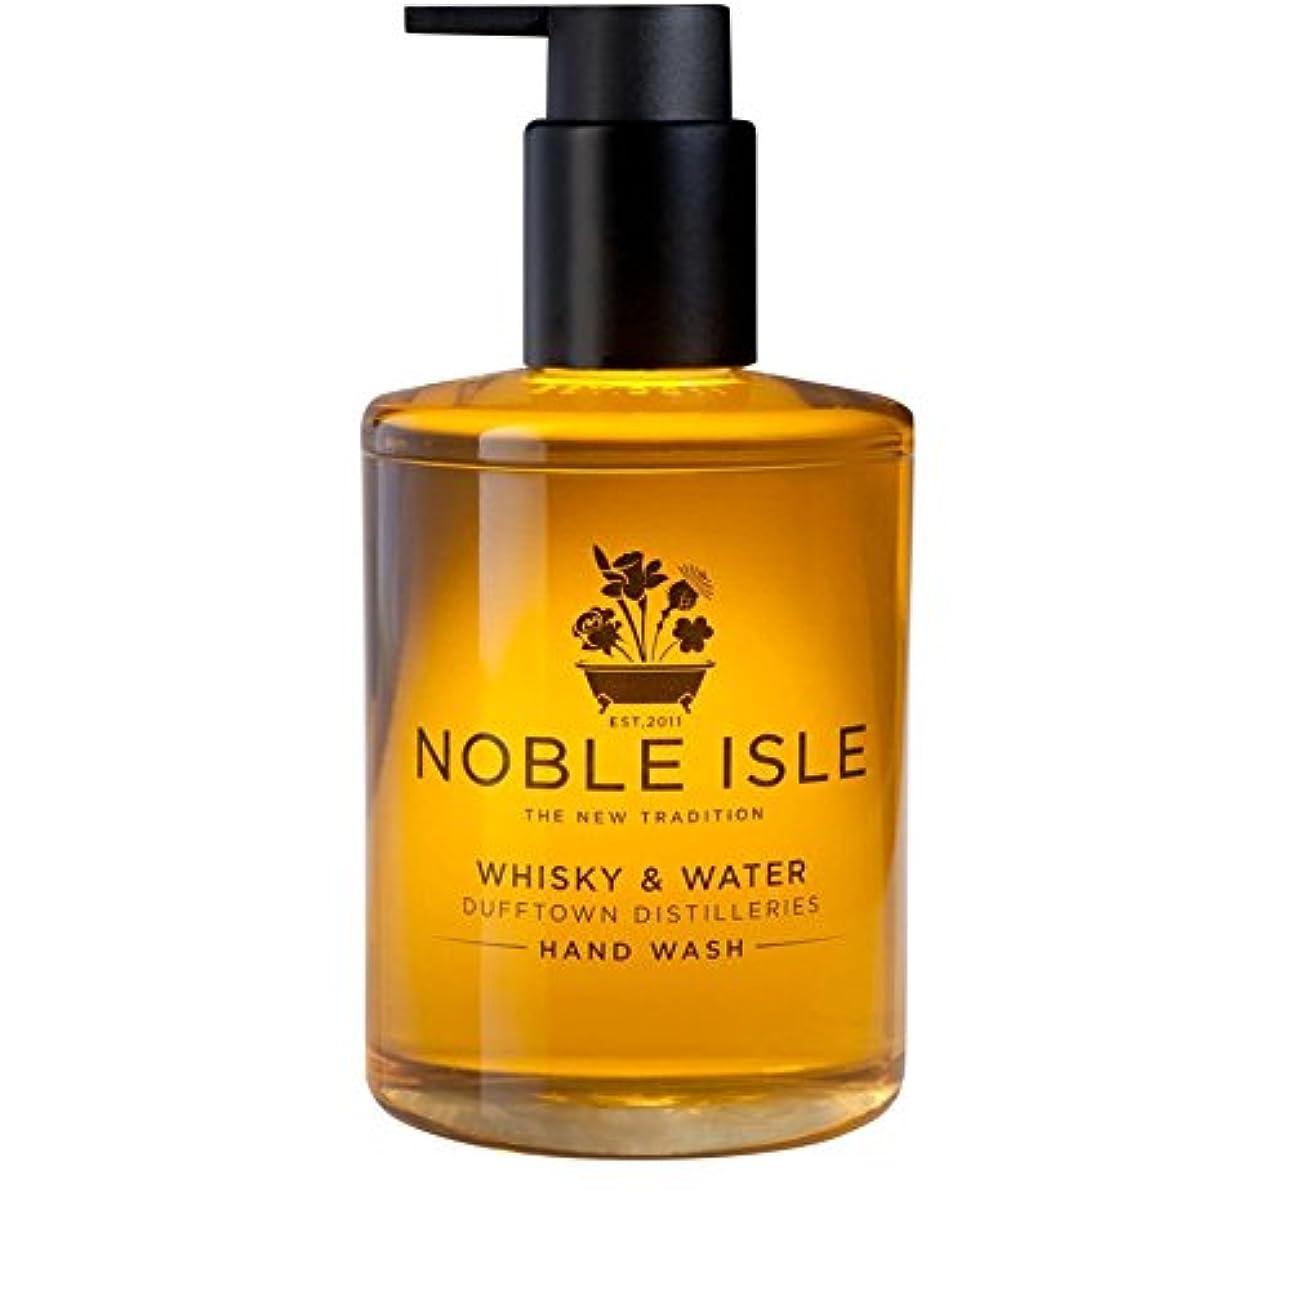 光のエンティティ幽霊Noble Isle Whisky and Water Dufftown Distilleries Hand Wash 250ml - 高貴な島の水割りの蒸留所のハンドウォッシュ250ミリリットル [並行輸入品]